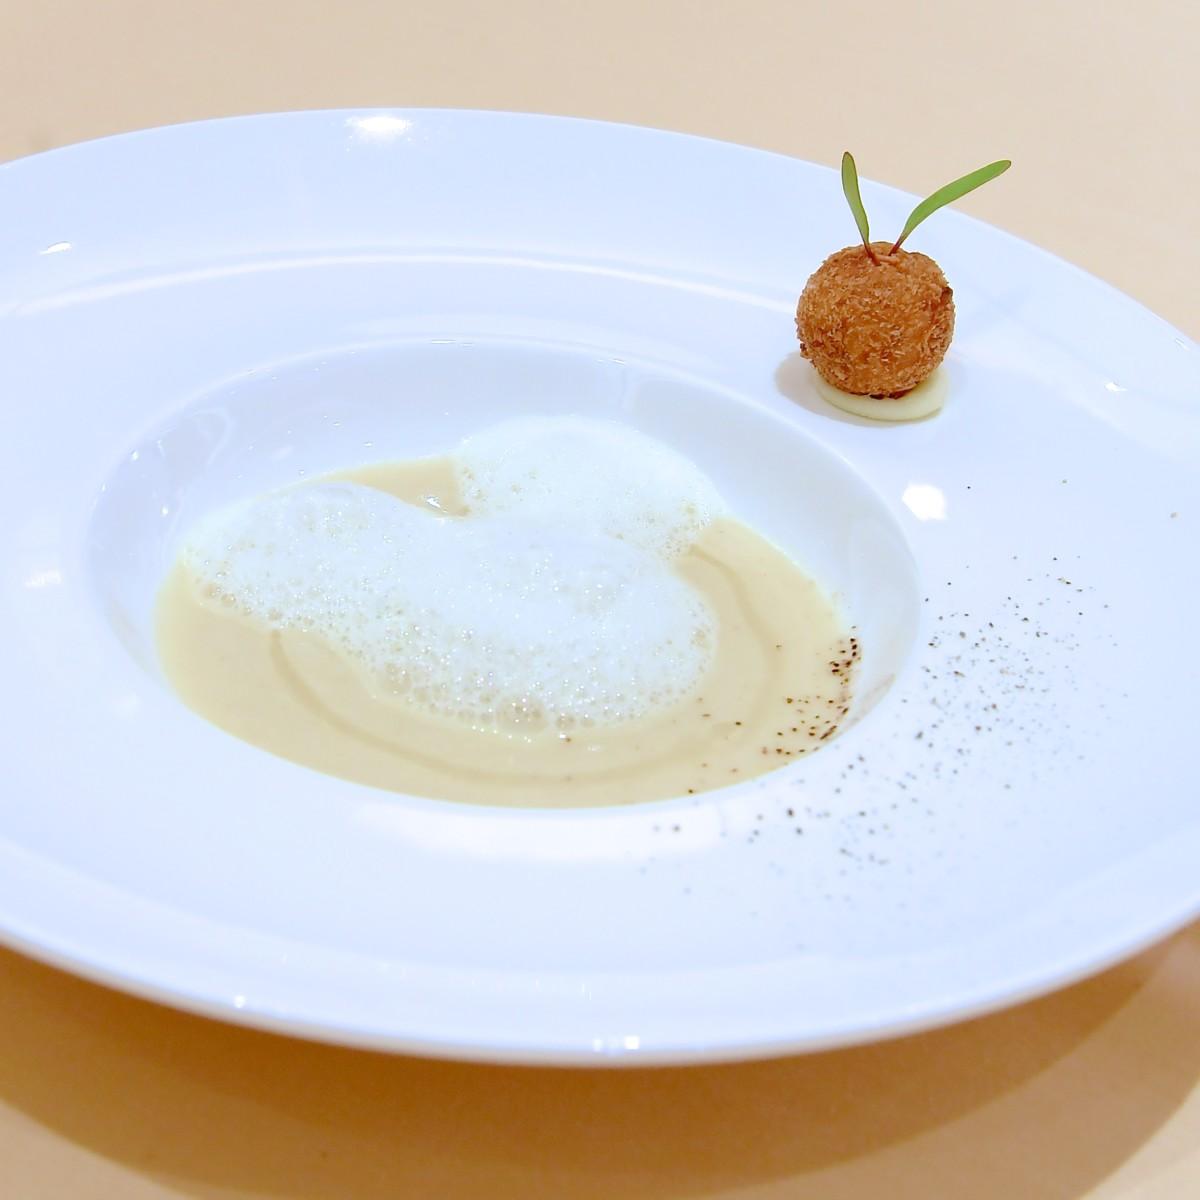 新玉葱とポロネギのスープ ヘーゼルナッツを纏ったポム・ドフィーヌを添えて